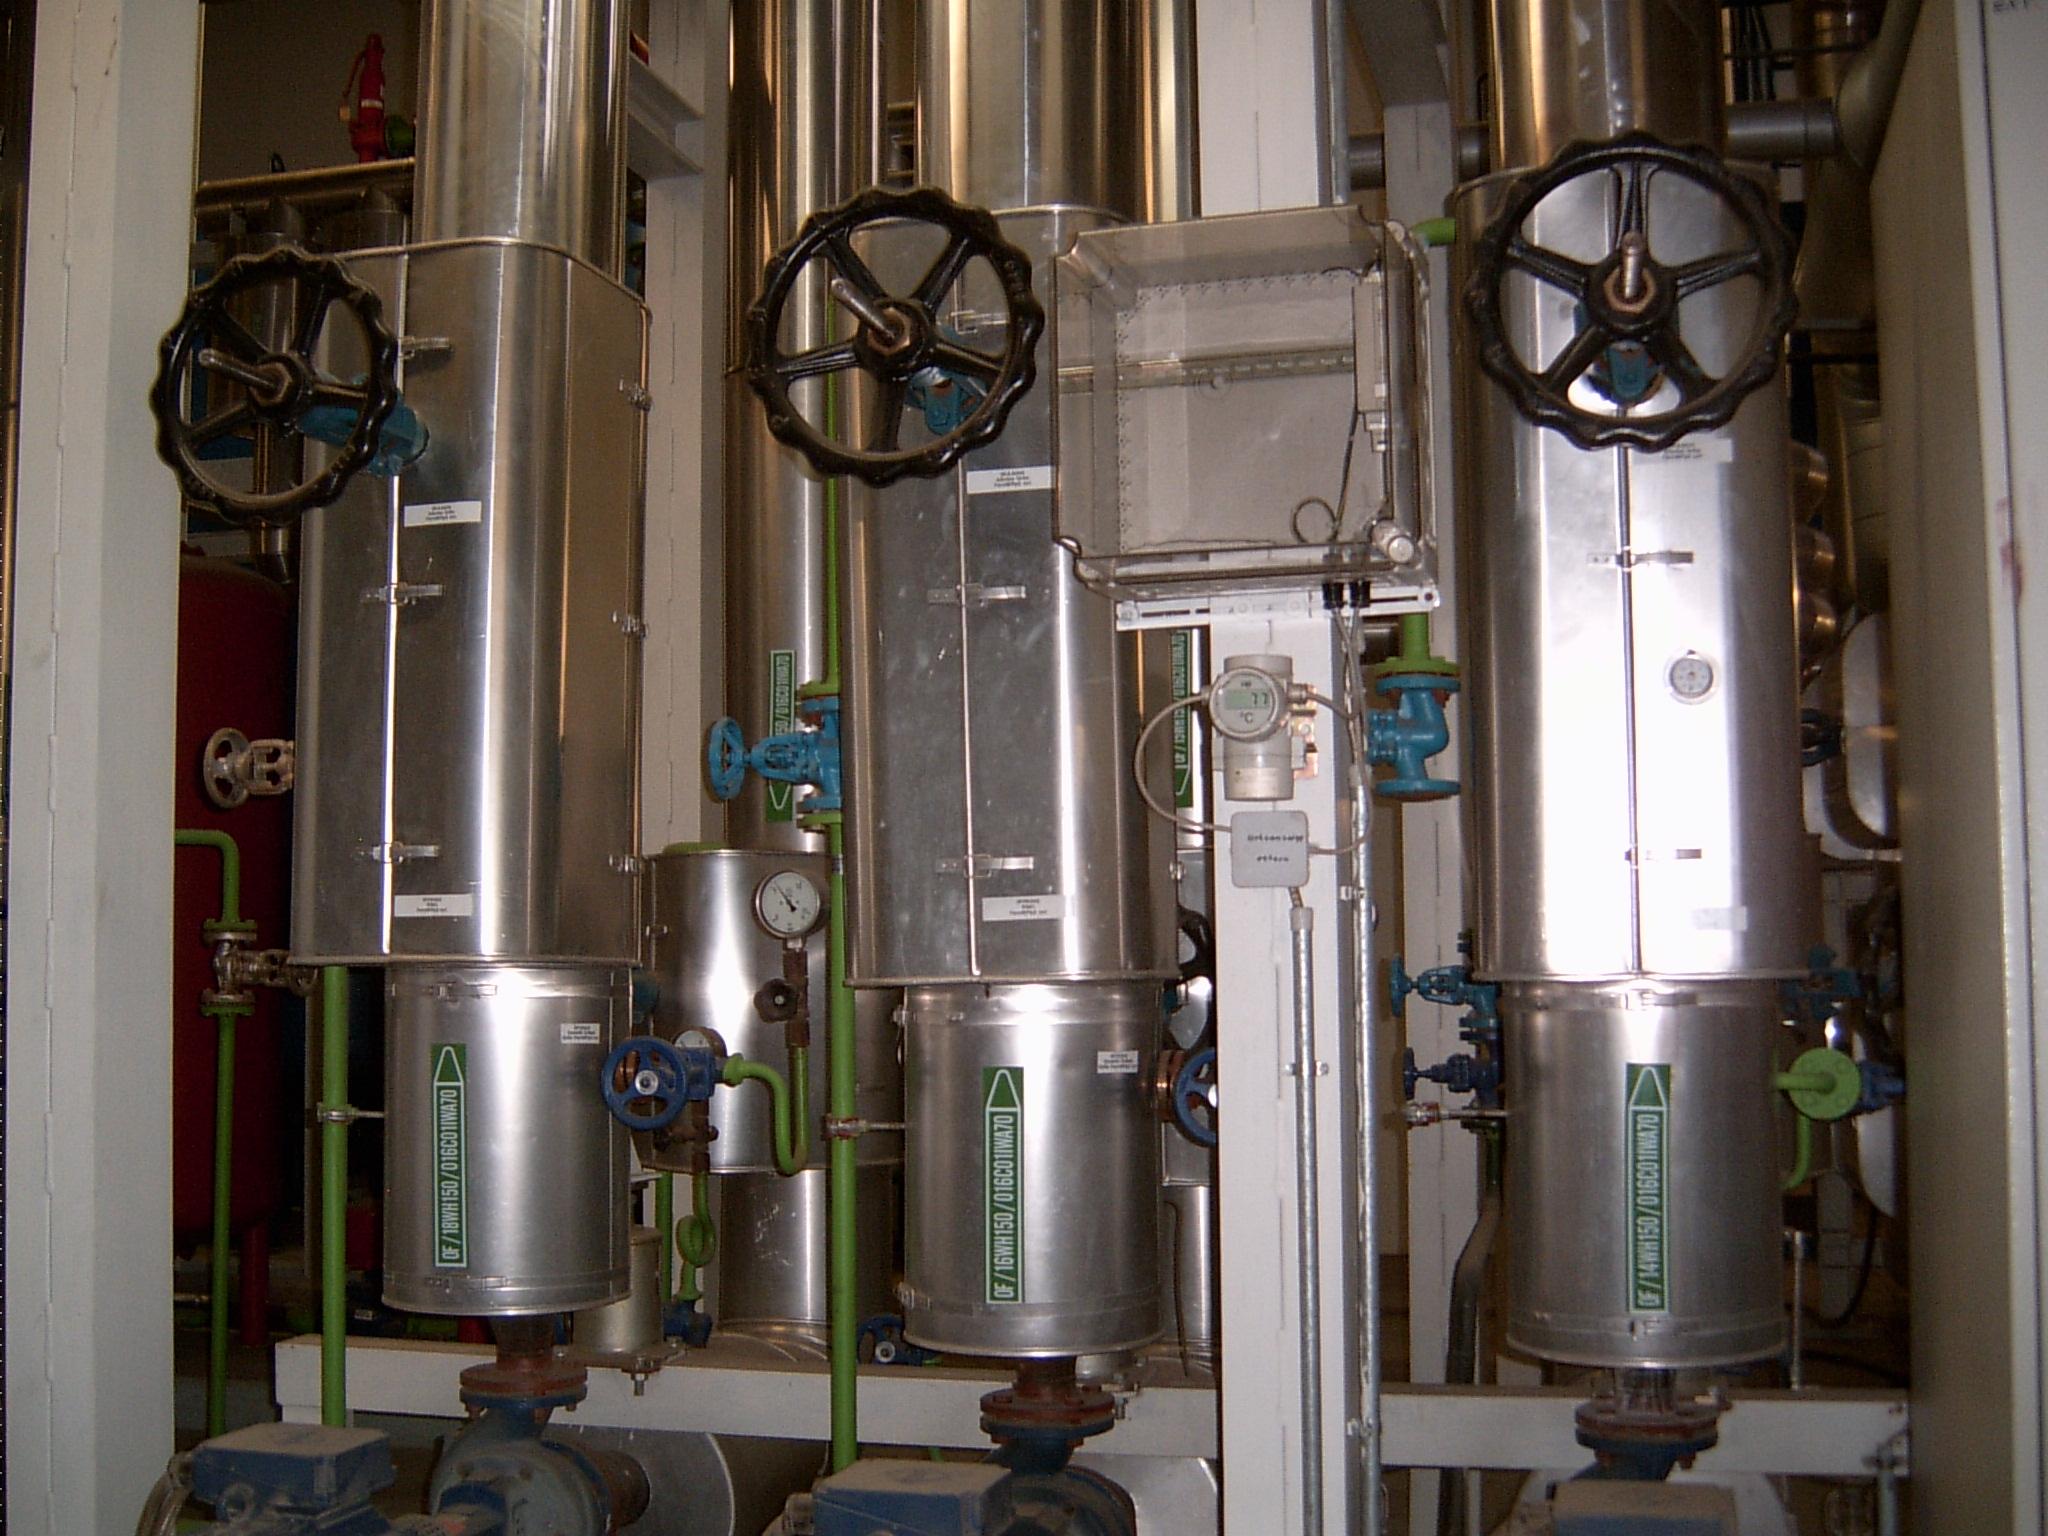 Tư vấn chuyển giao công nghệ và hướng dẫn vận hành đối với các công trình xử lý chất thải